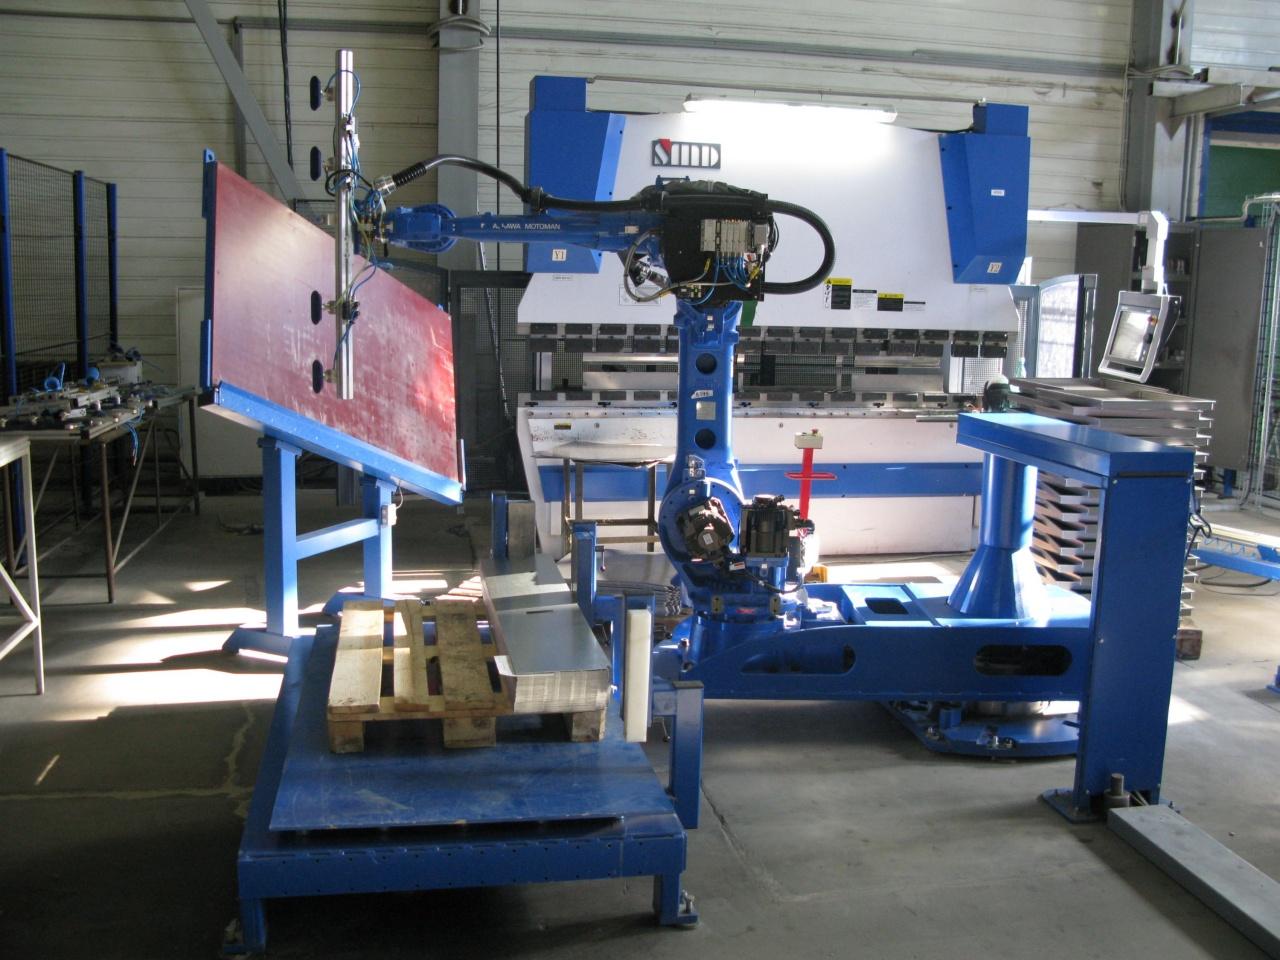 Введён в эксплуатацию роботизированный комплекс на базе робота YASKAWA